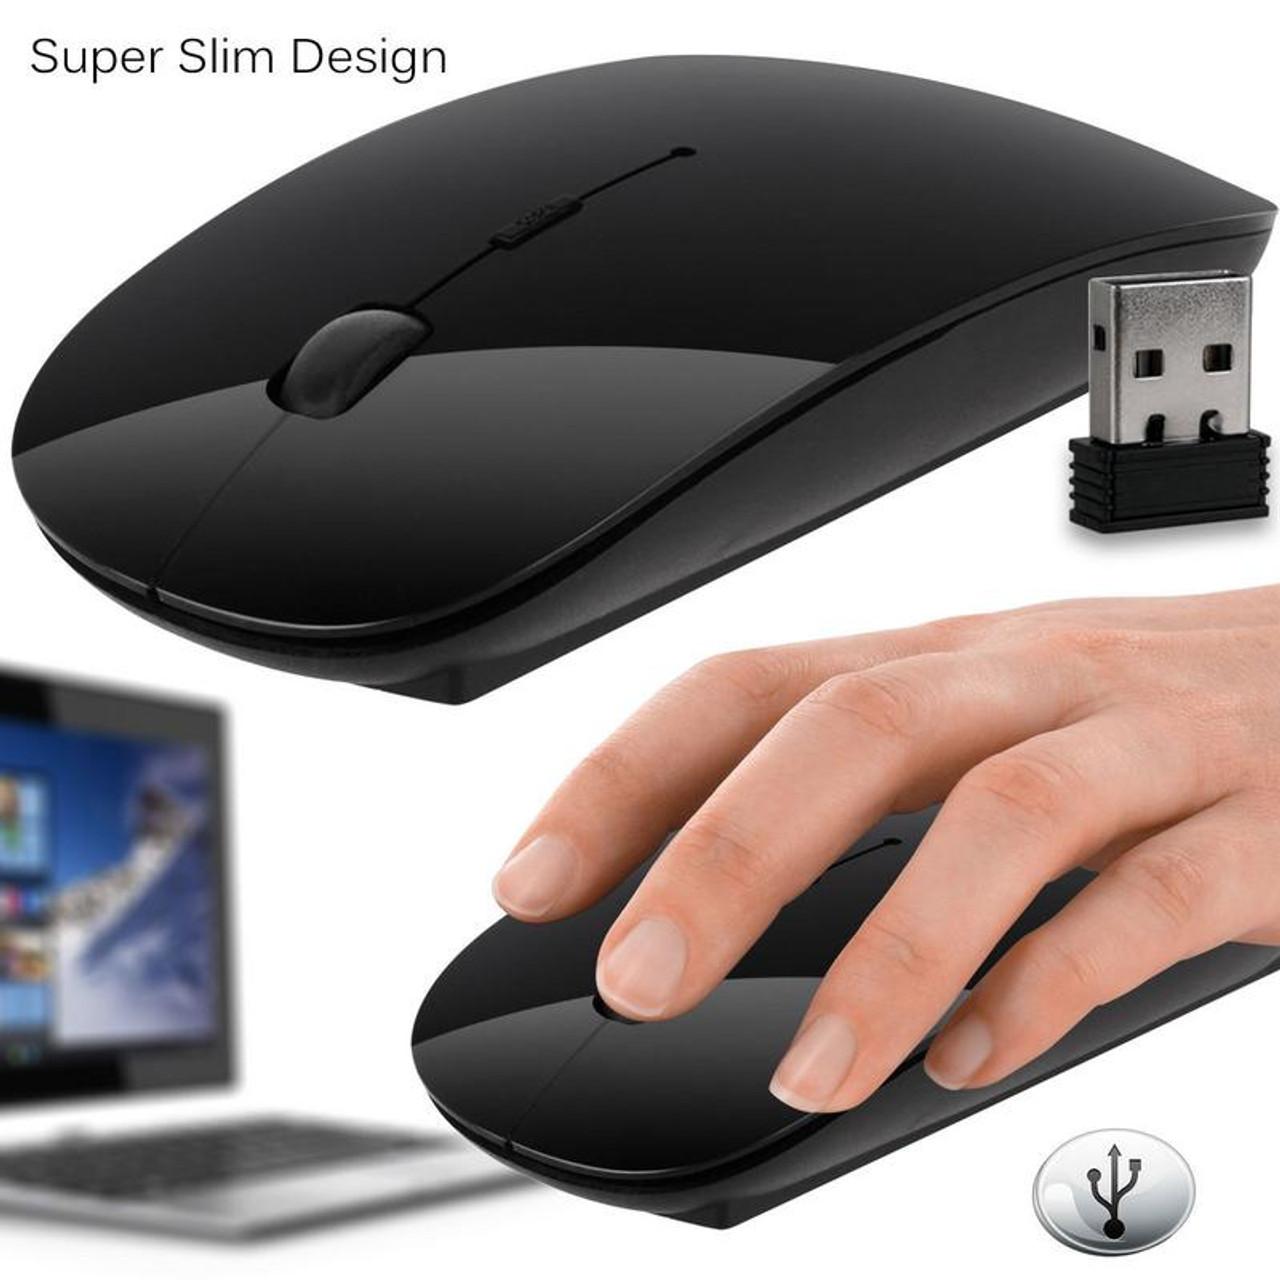 d7c5488939e DEVOLTA Slim wireless Optical Mouse with 2.4 Ghz USB receiver For Laptops/Desktop  PC /